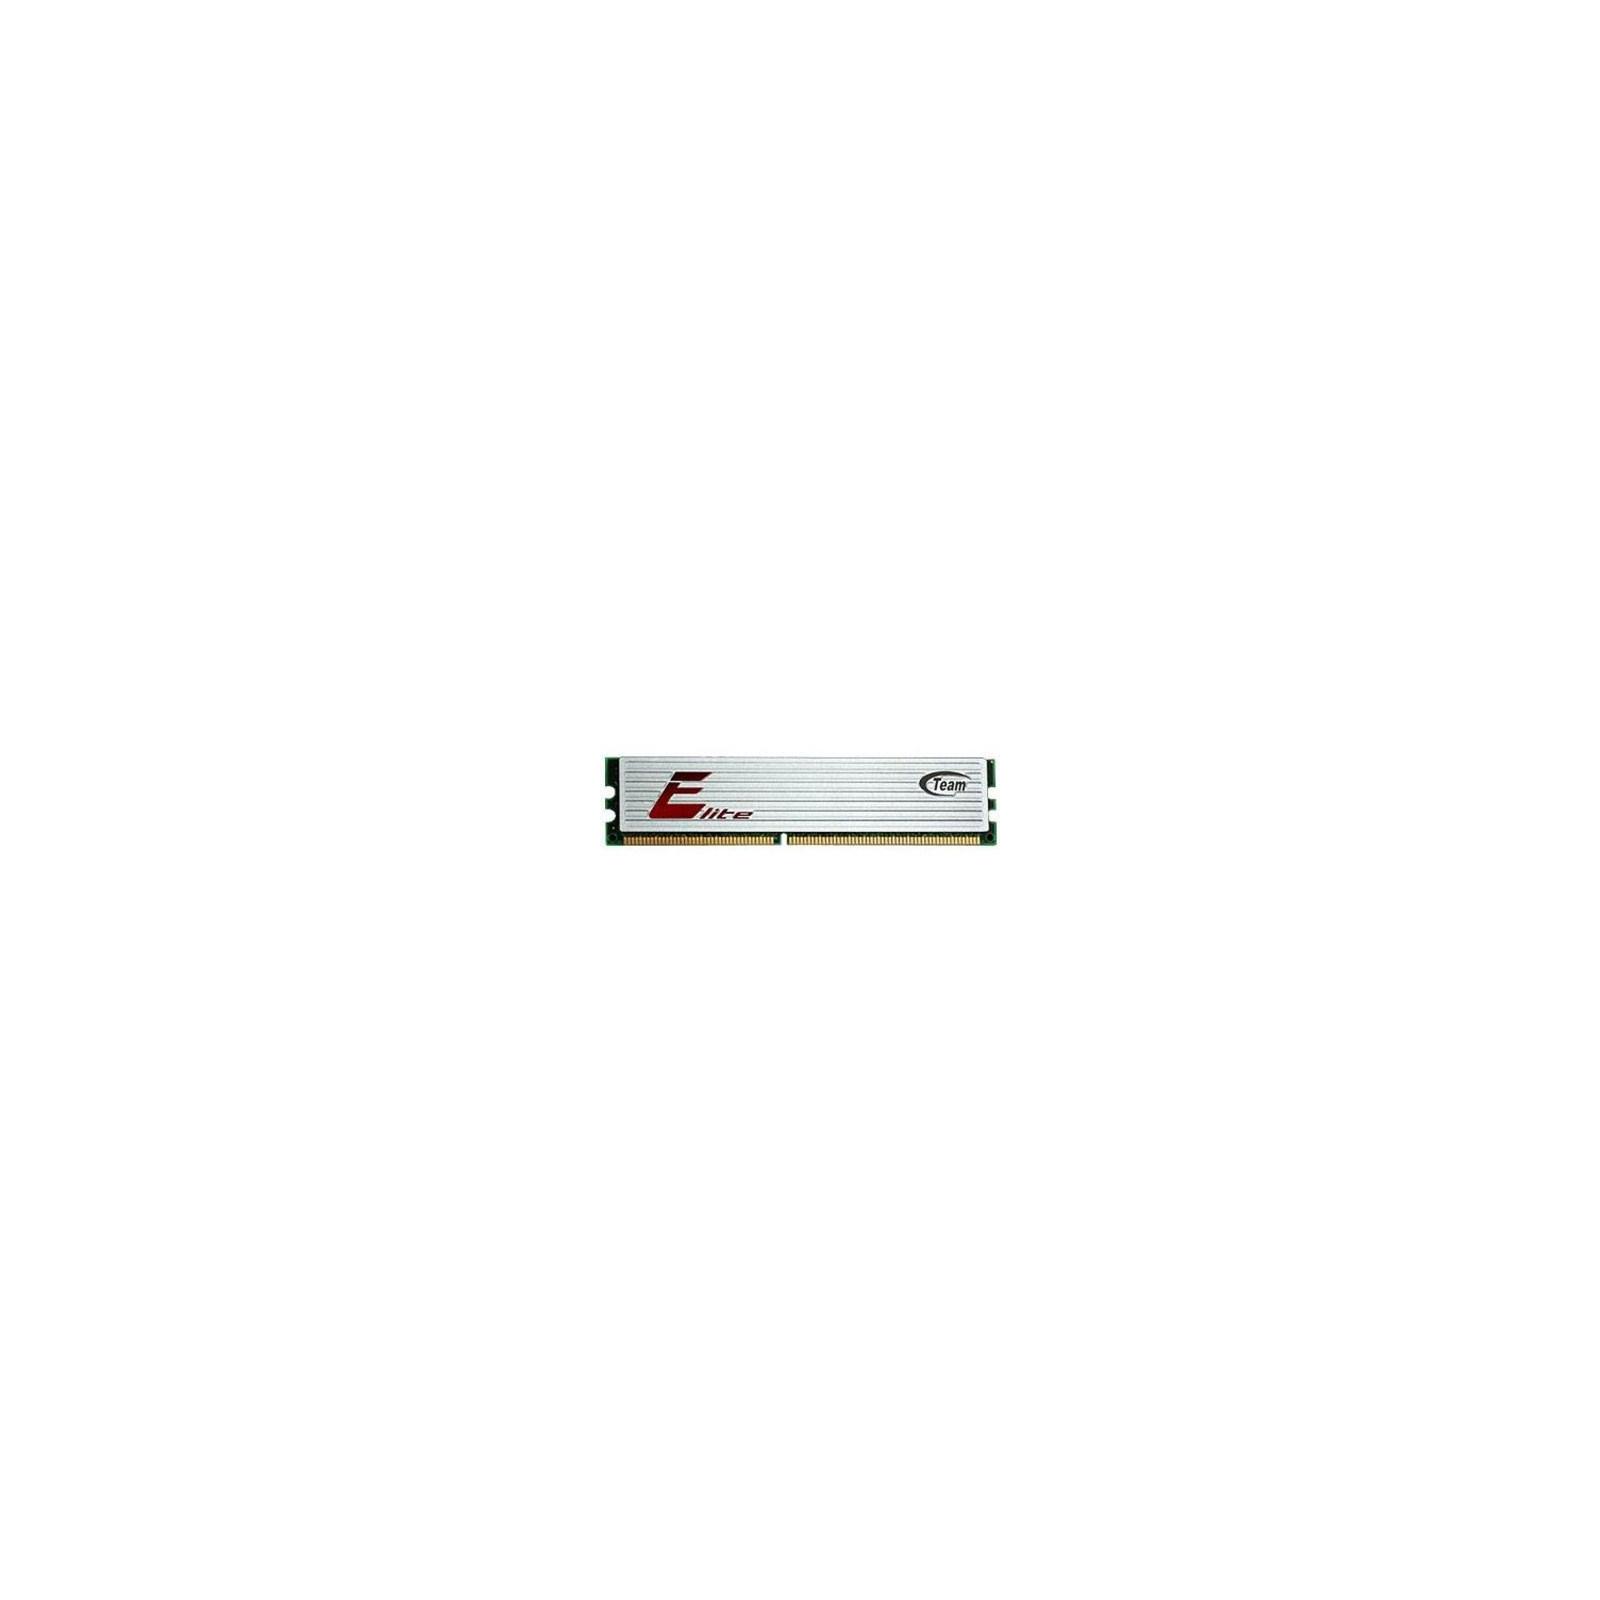 Модуль памяти для компьютера DDR3 4GB 1333 MHz Team (TED34GM1333HC901 / TED34G1333HC901)